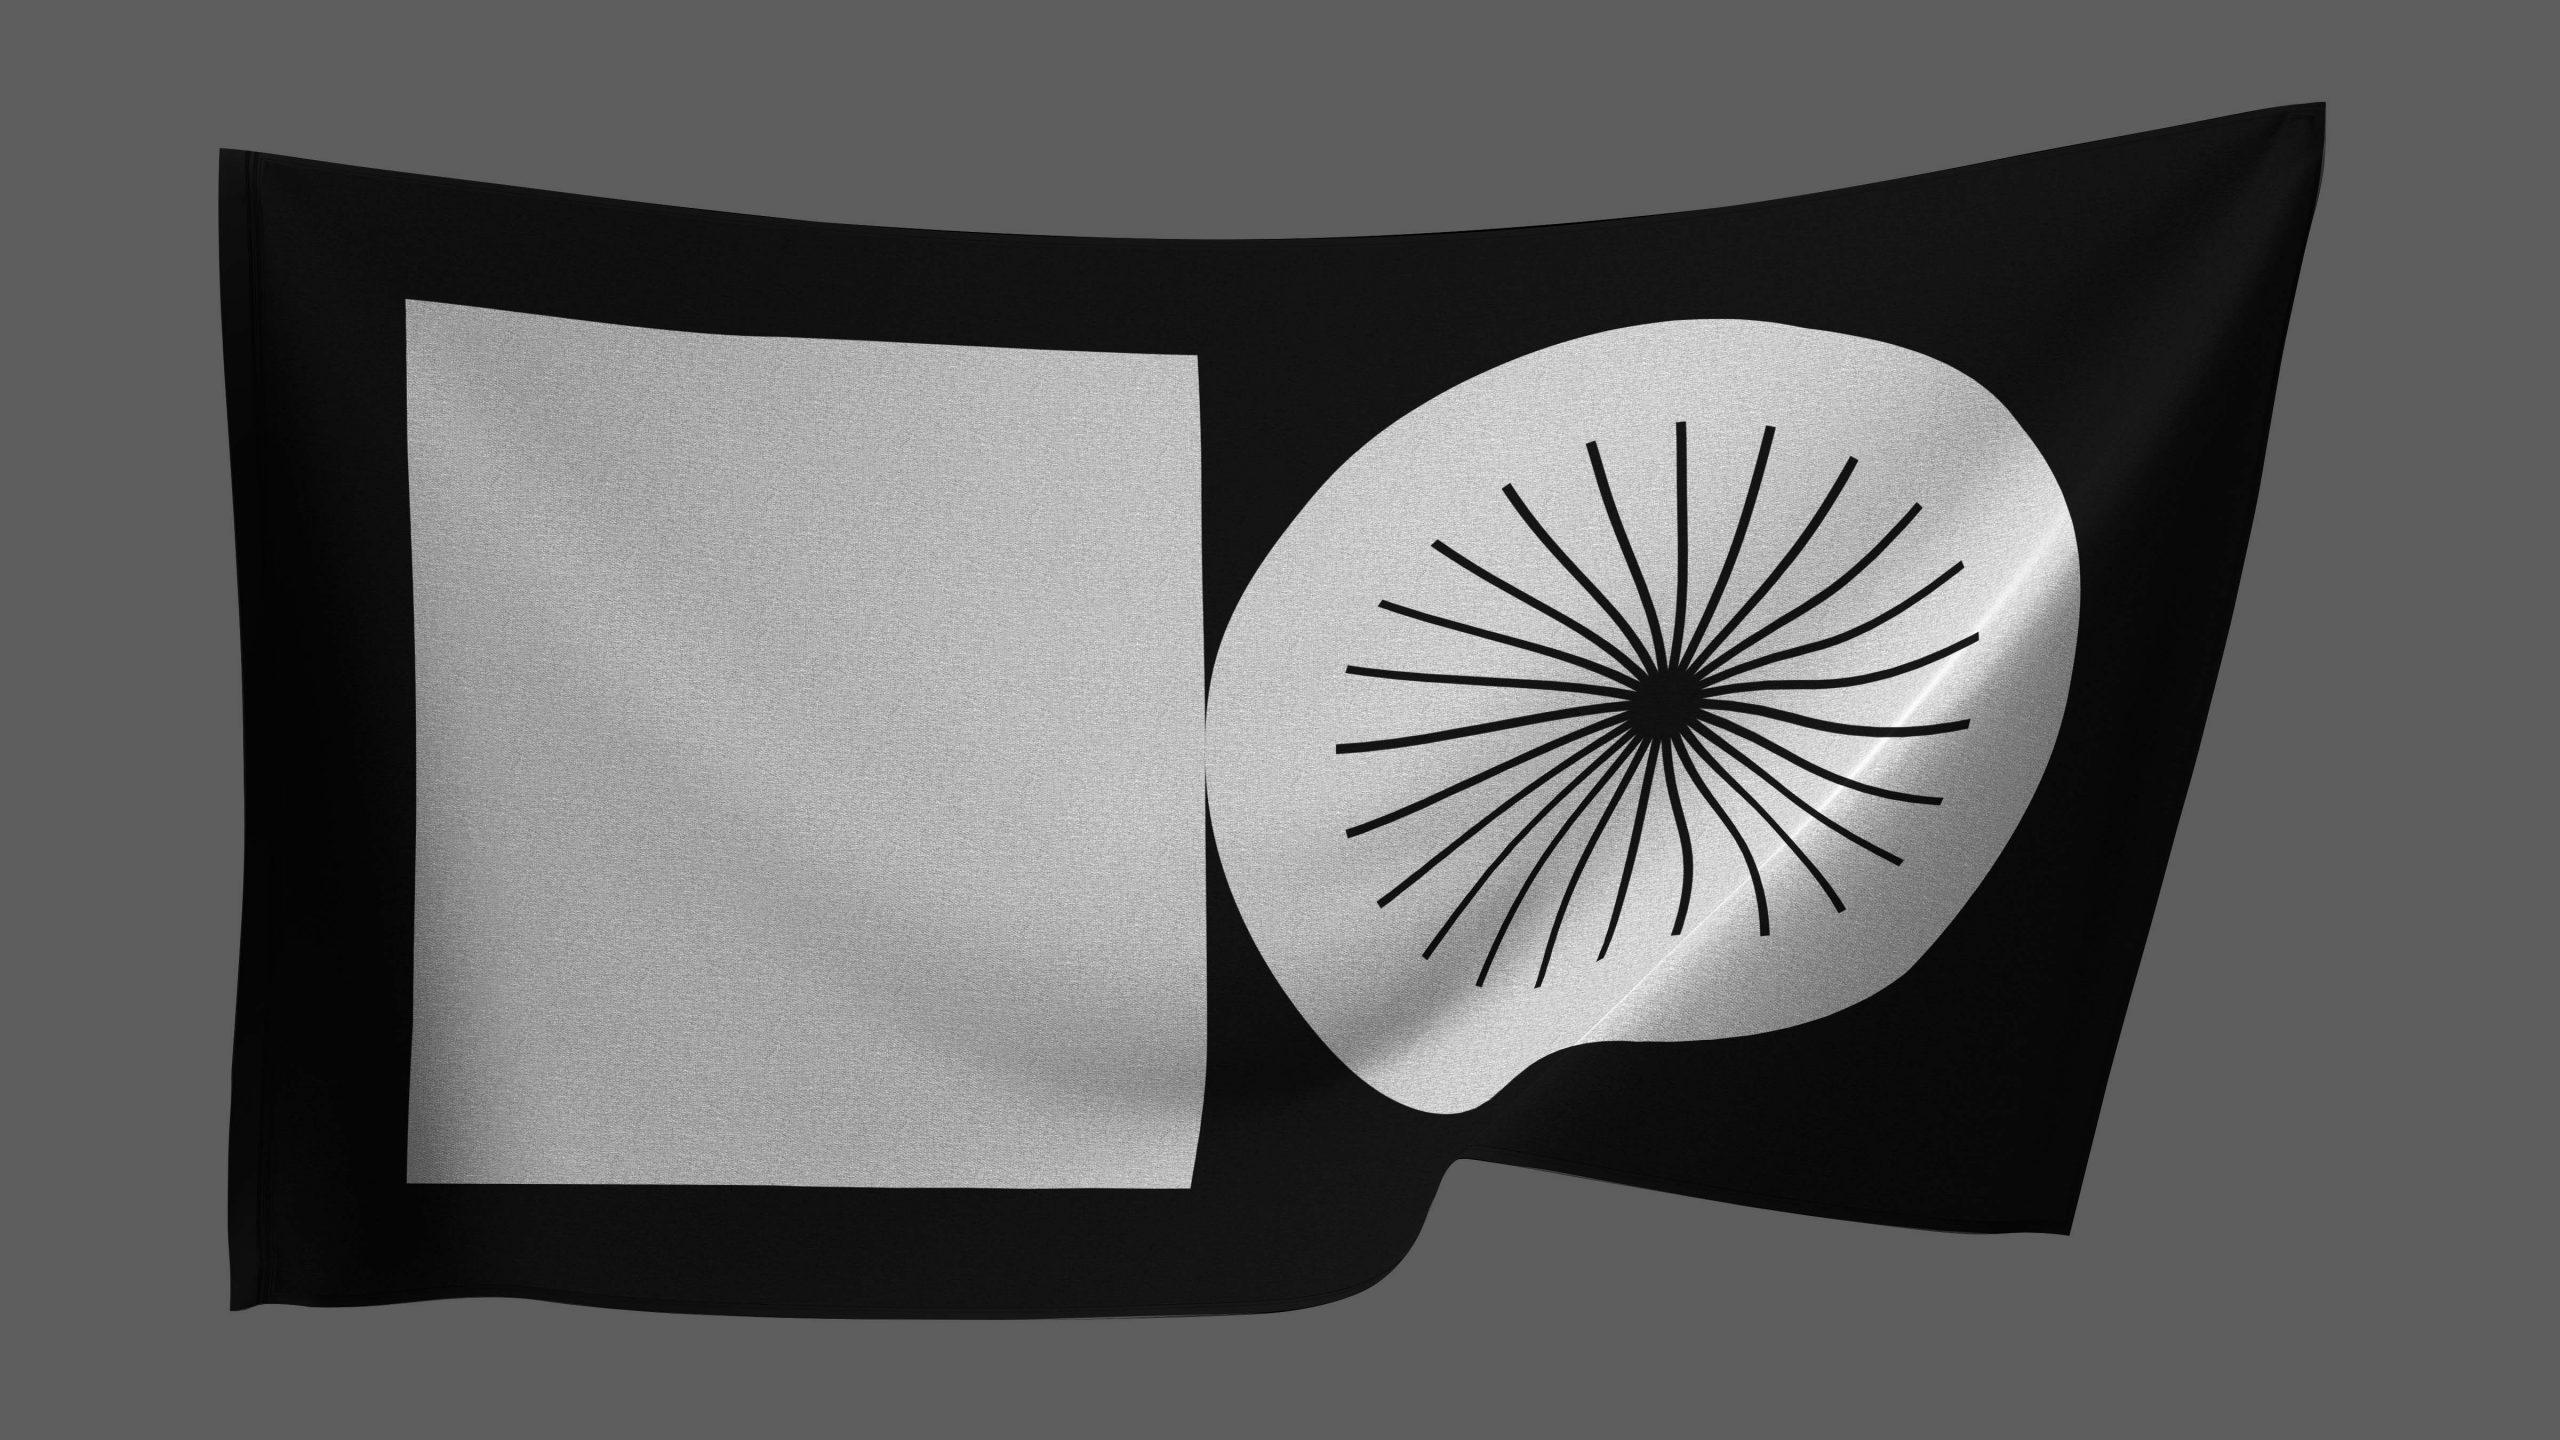 Essentialflag-eg-02